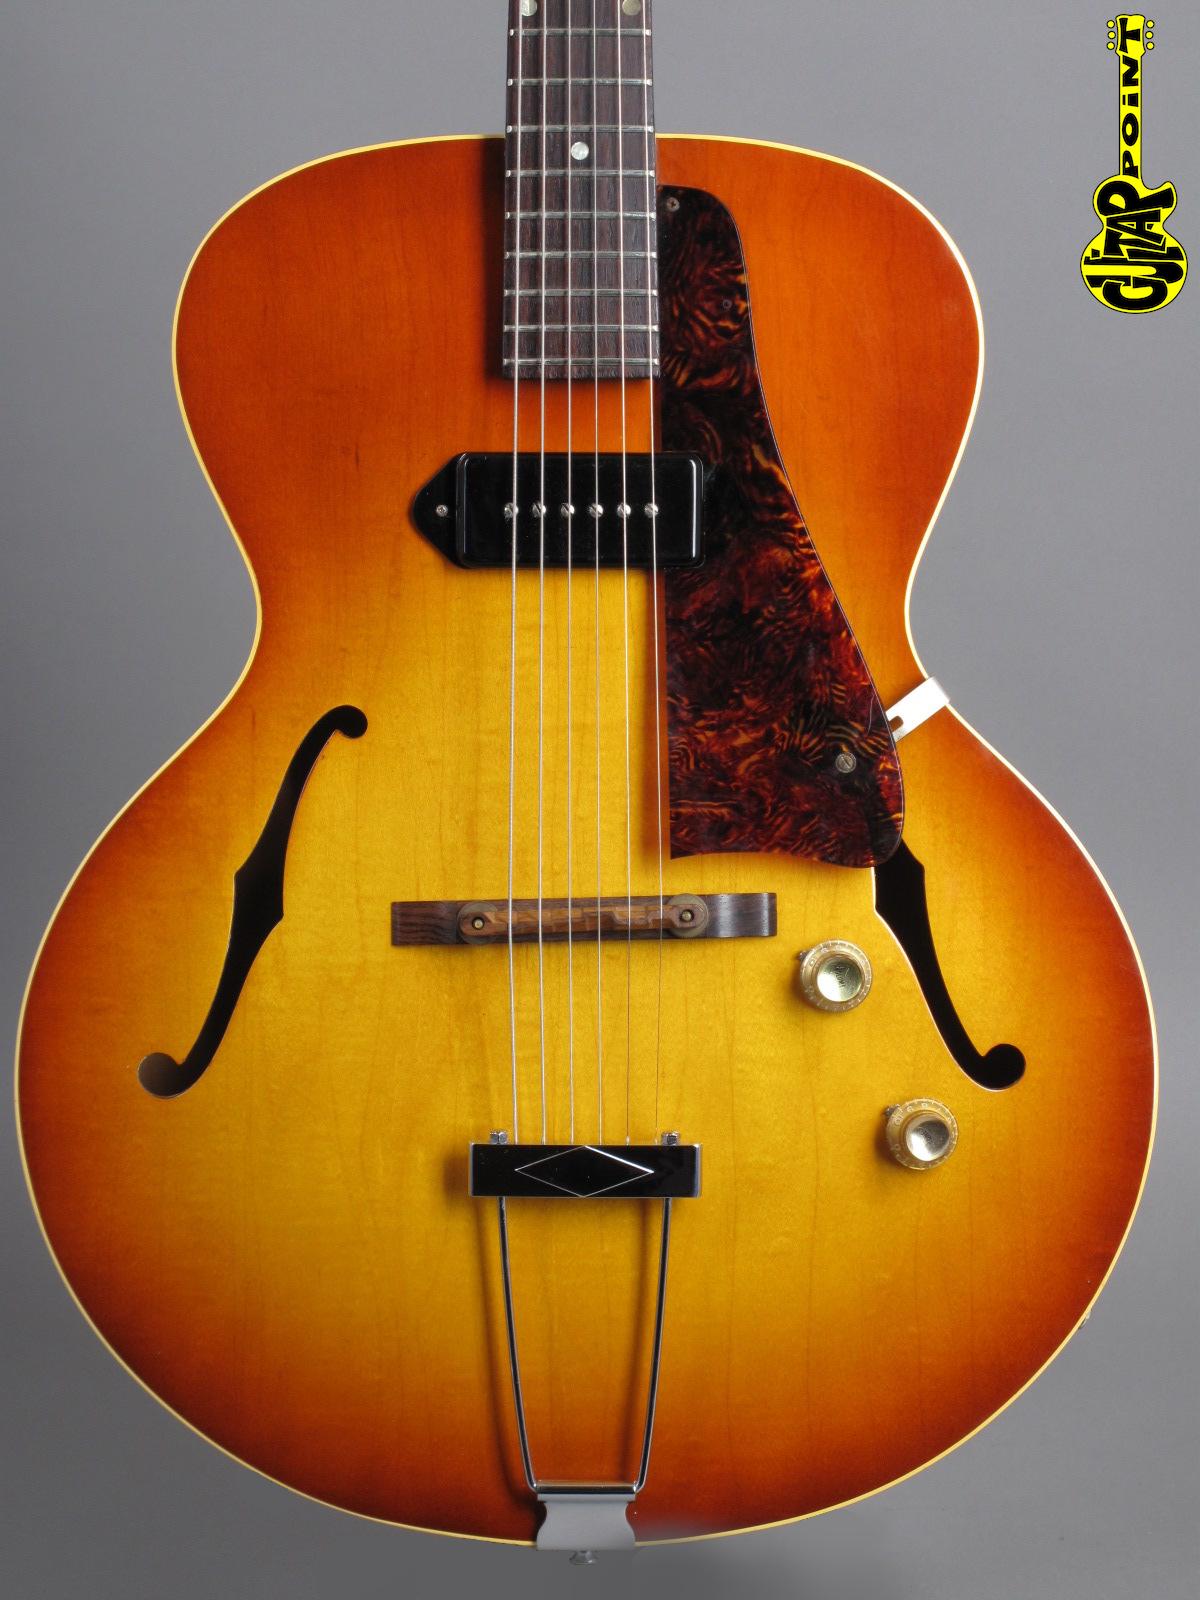 1966 Gibson ES-125 T - Cherry Sunburst